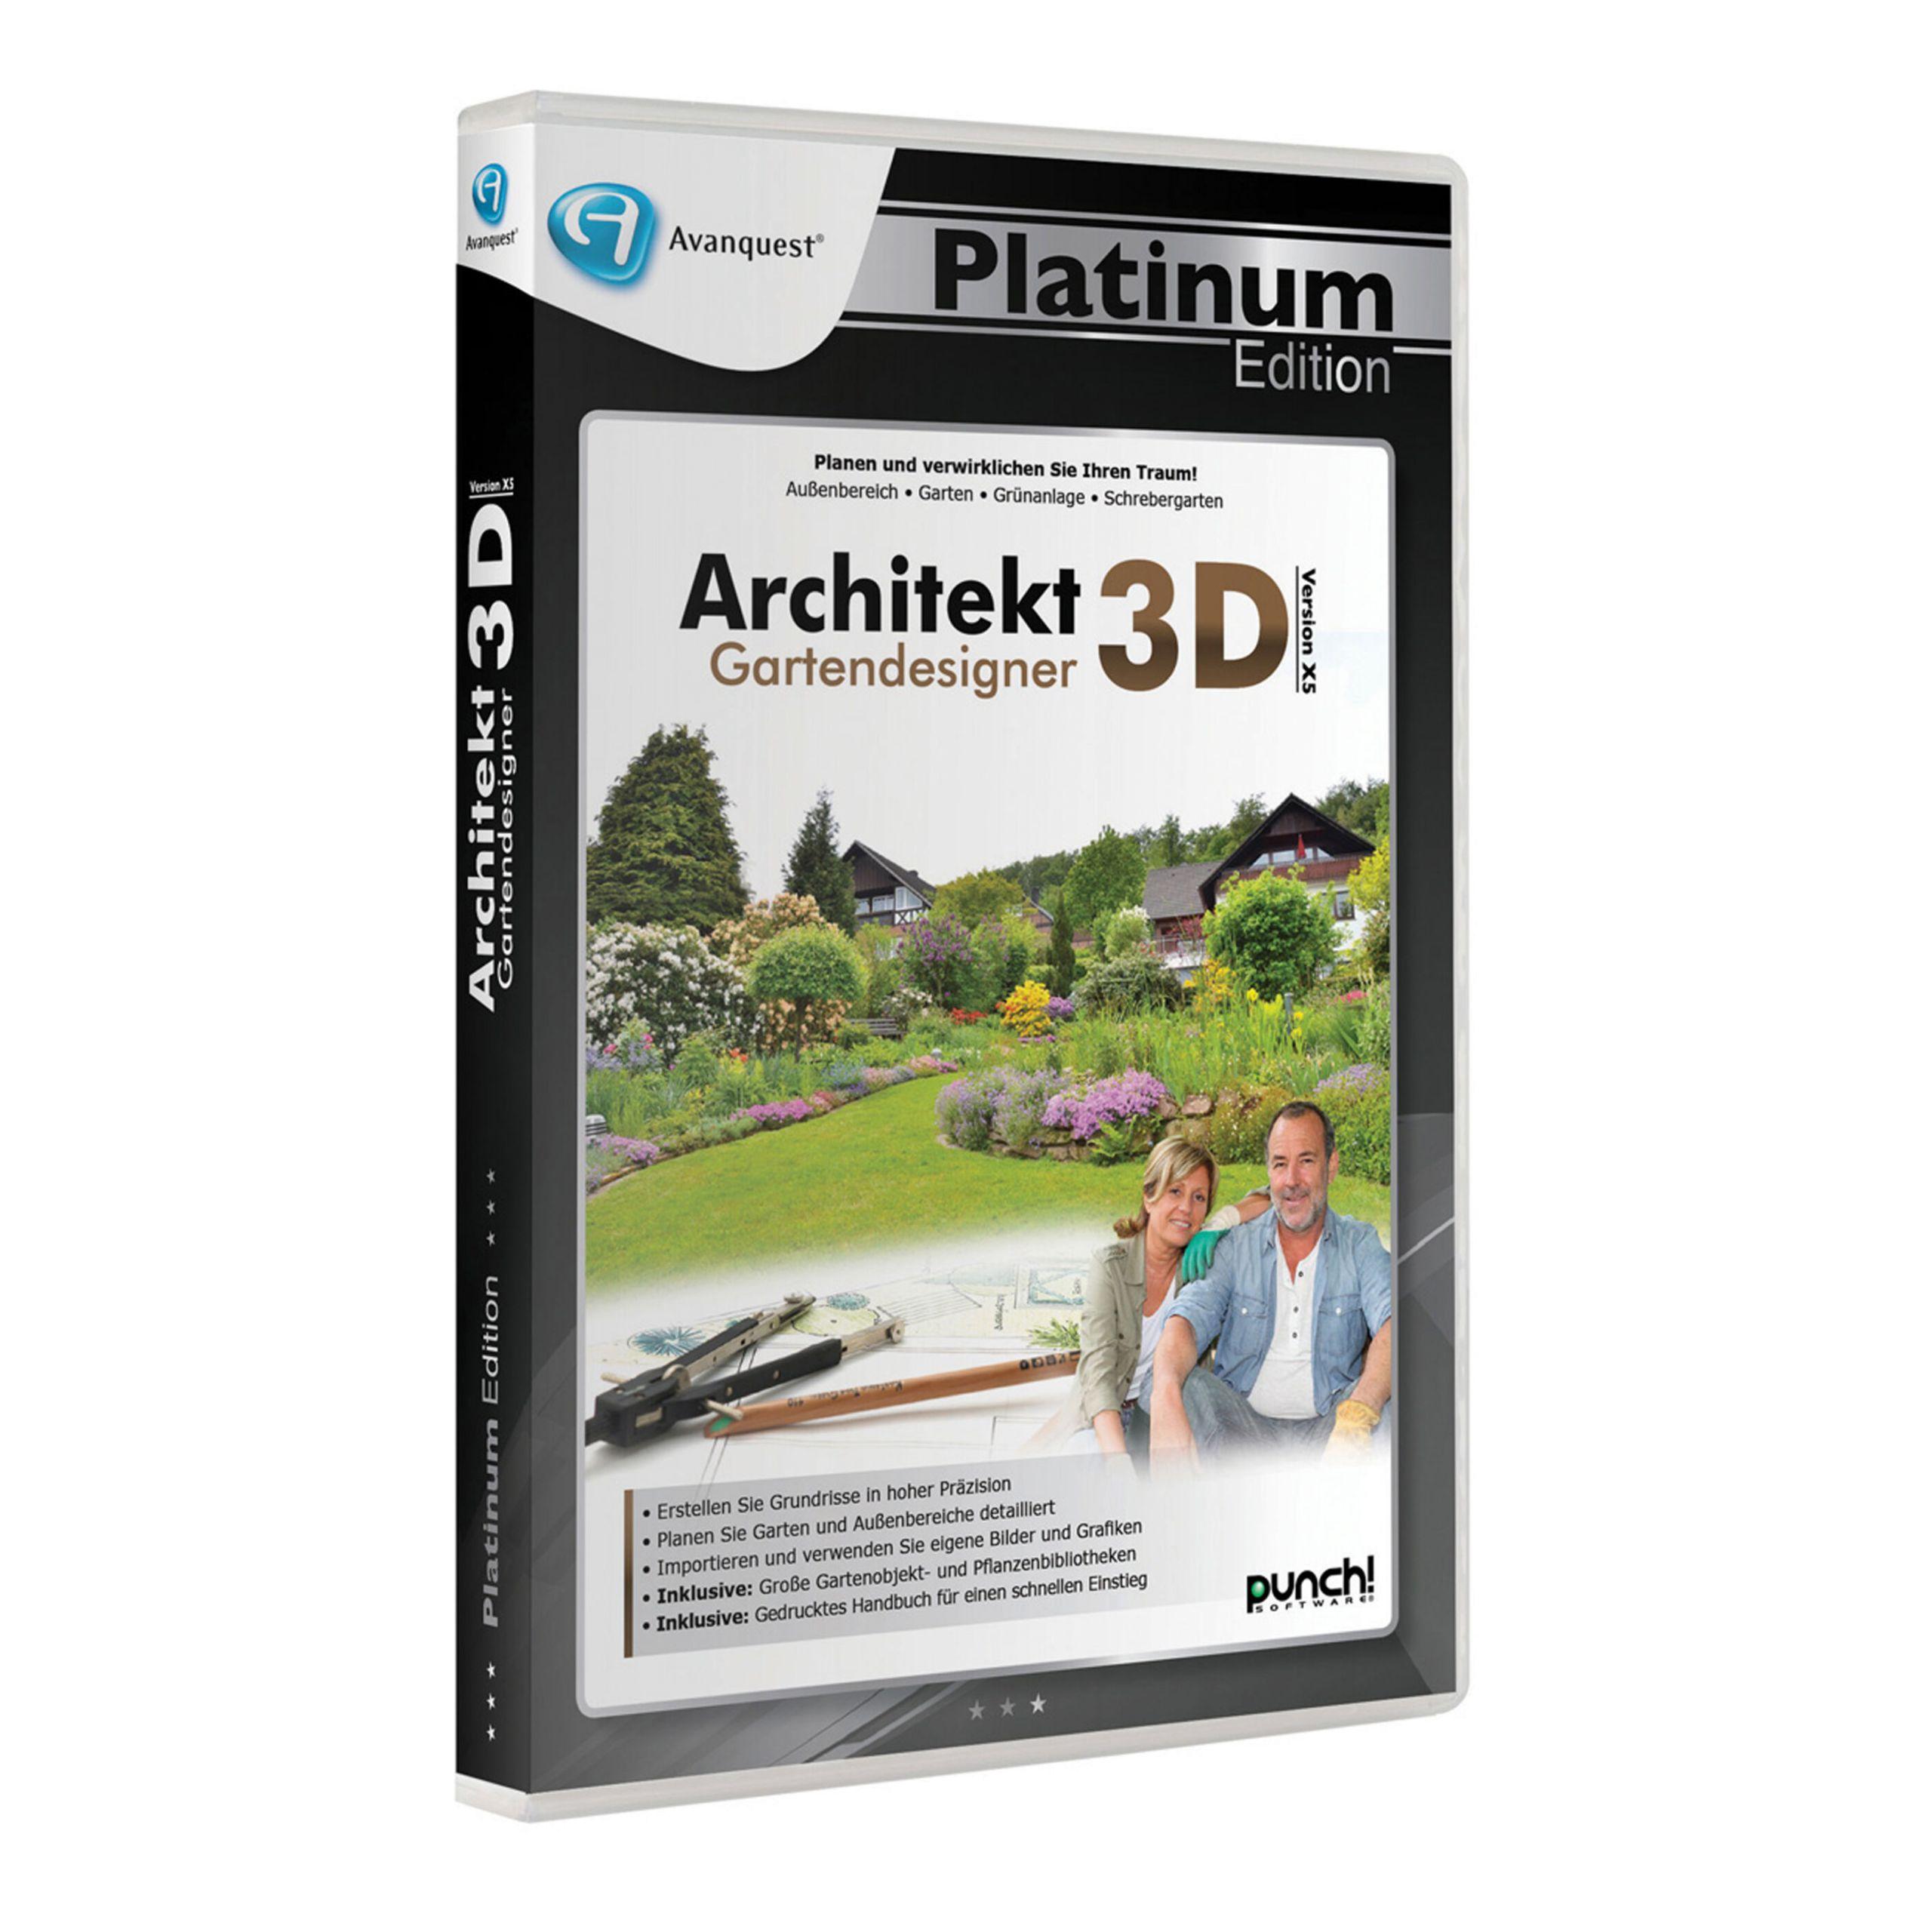 Gartendesigner Elegant Platin Edition Architekt 3d X5 Gartendesigner Bei